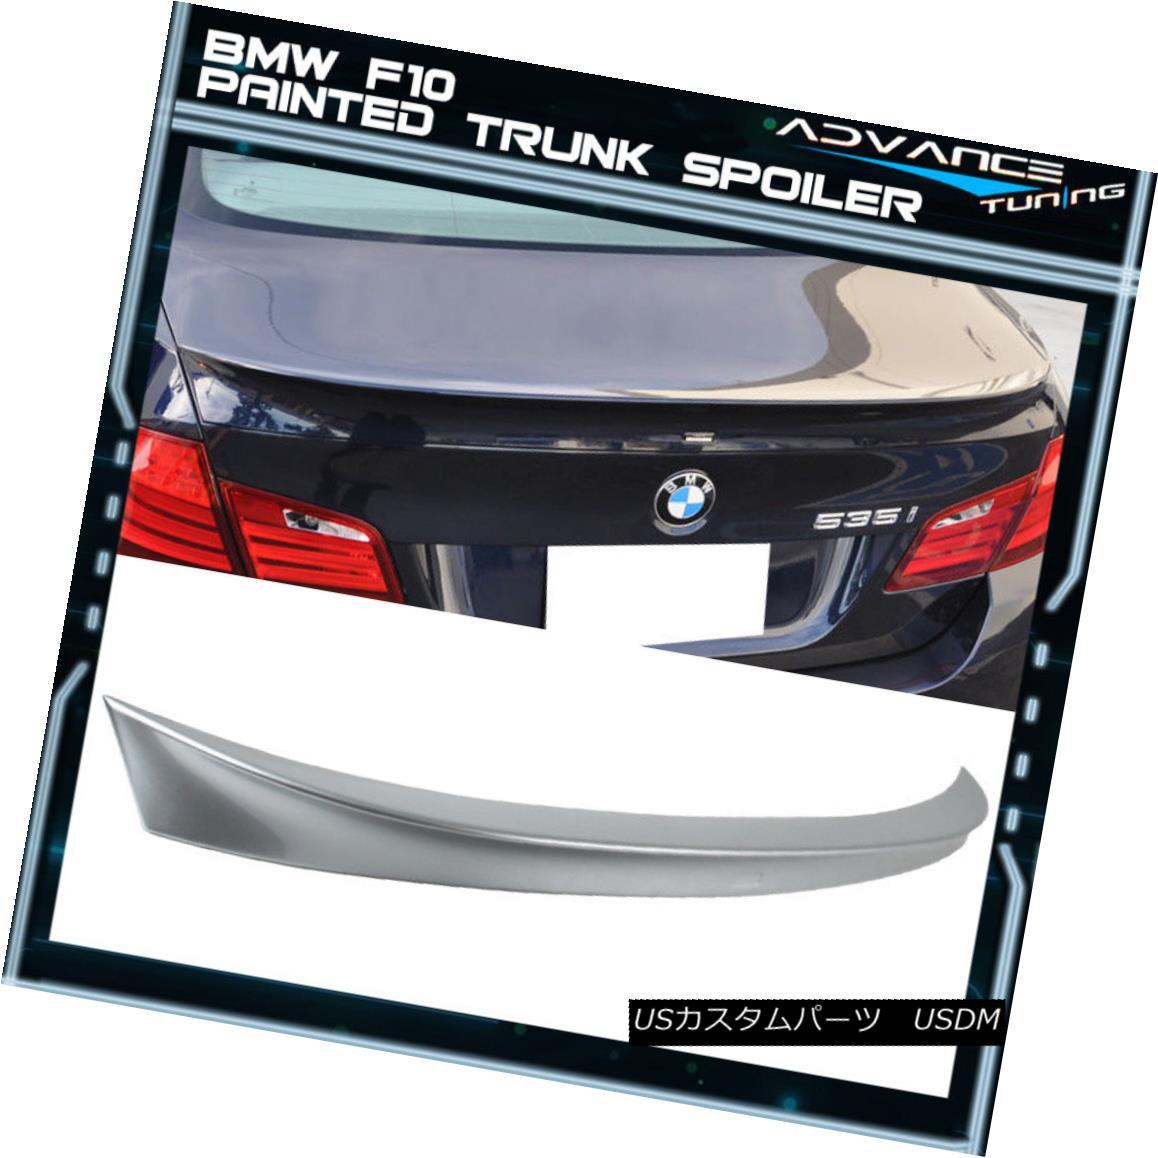 エアロパーツ 11-16 BMW F10 Sedan AC Trunk Spoiler OEM Painted #A83 Glacier Silver Metallic 11-16 BMW F10セダンACトランク・スポイラーOEM塗装#A83氷河シルバー・メタリック